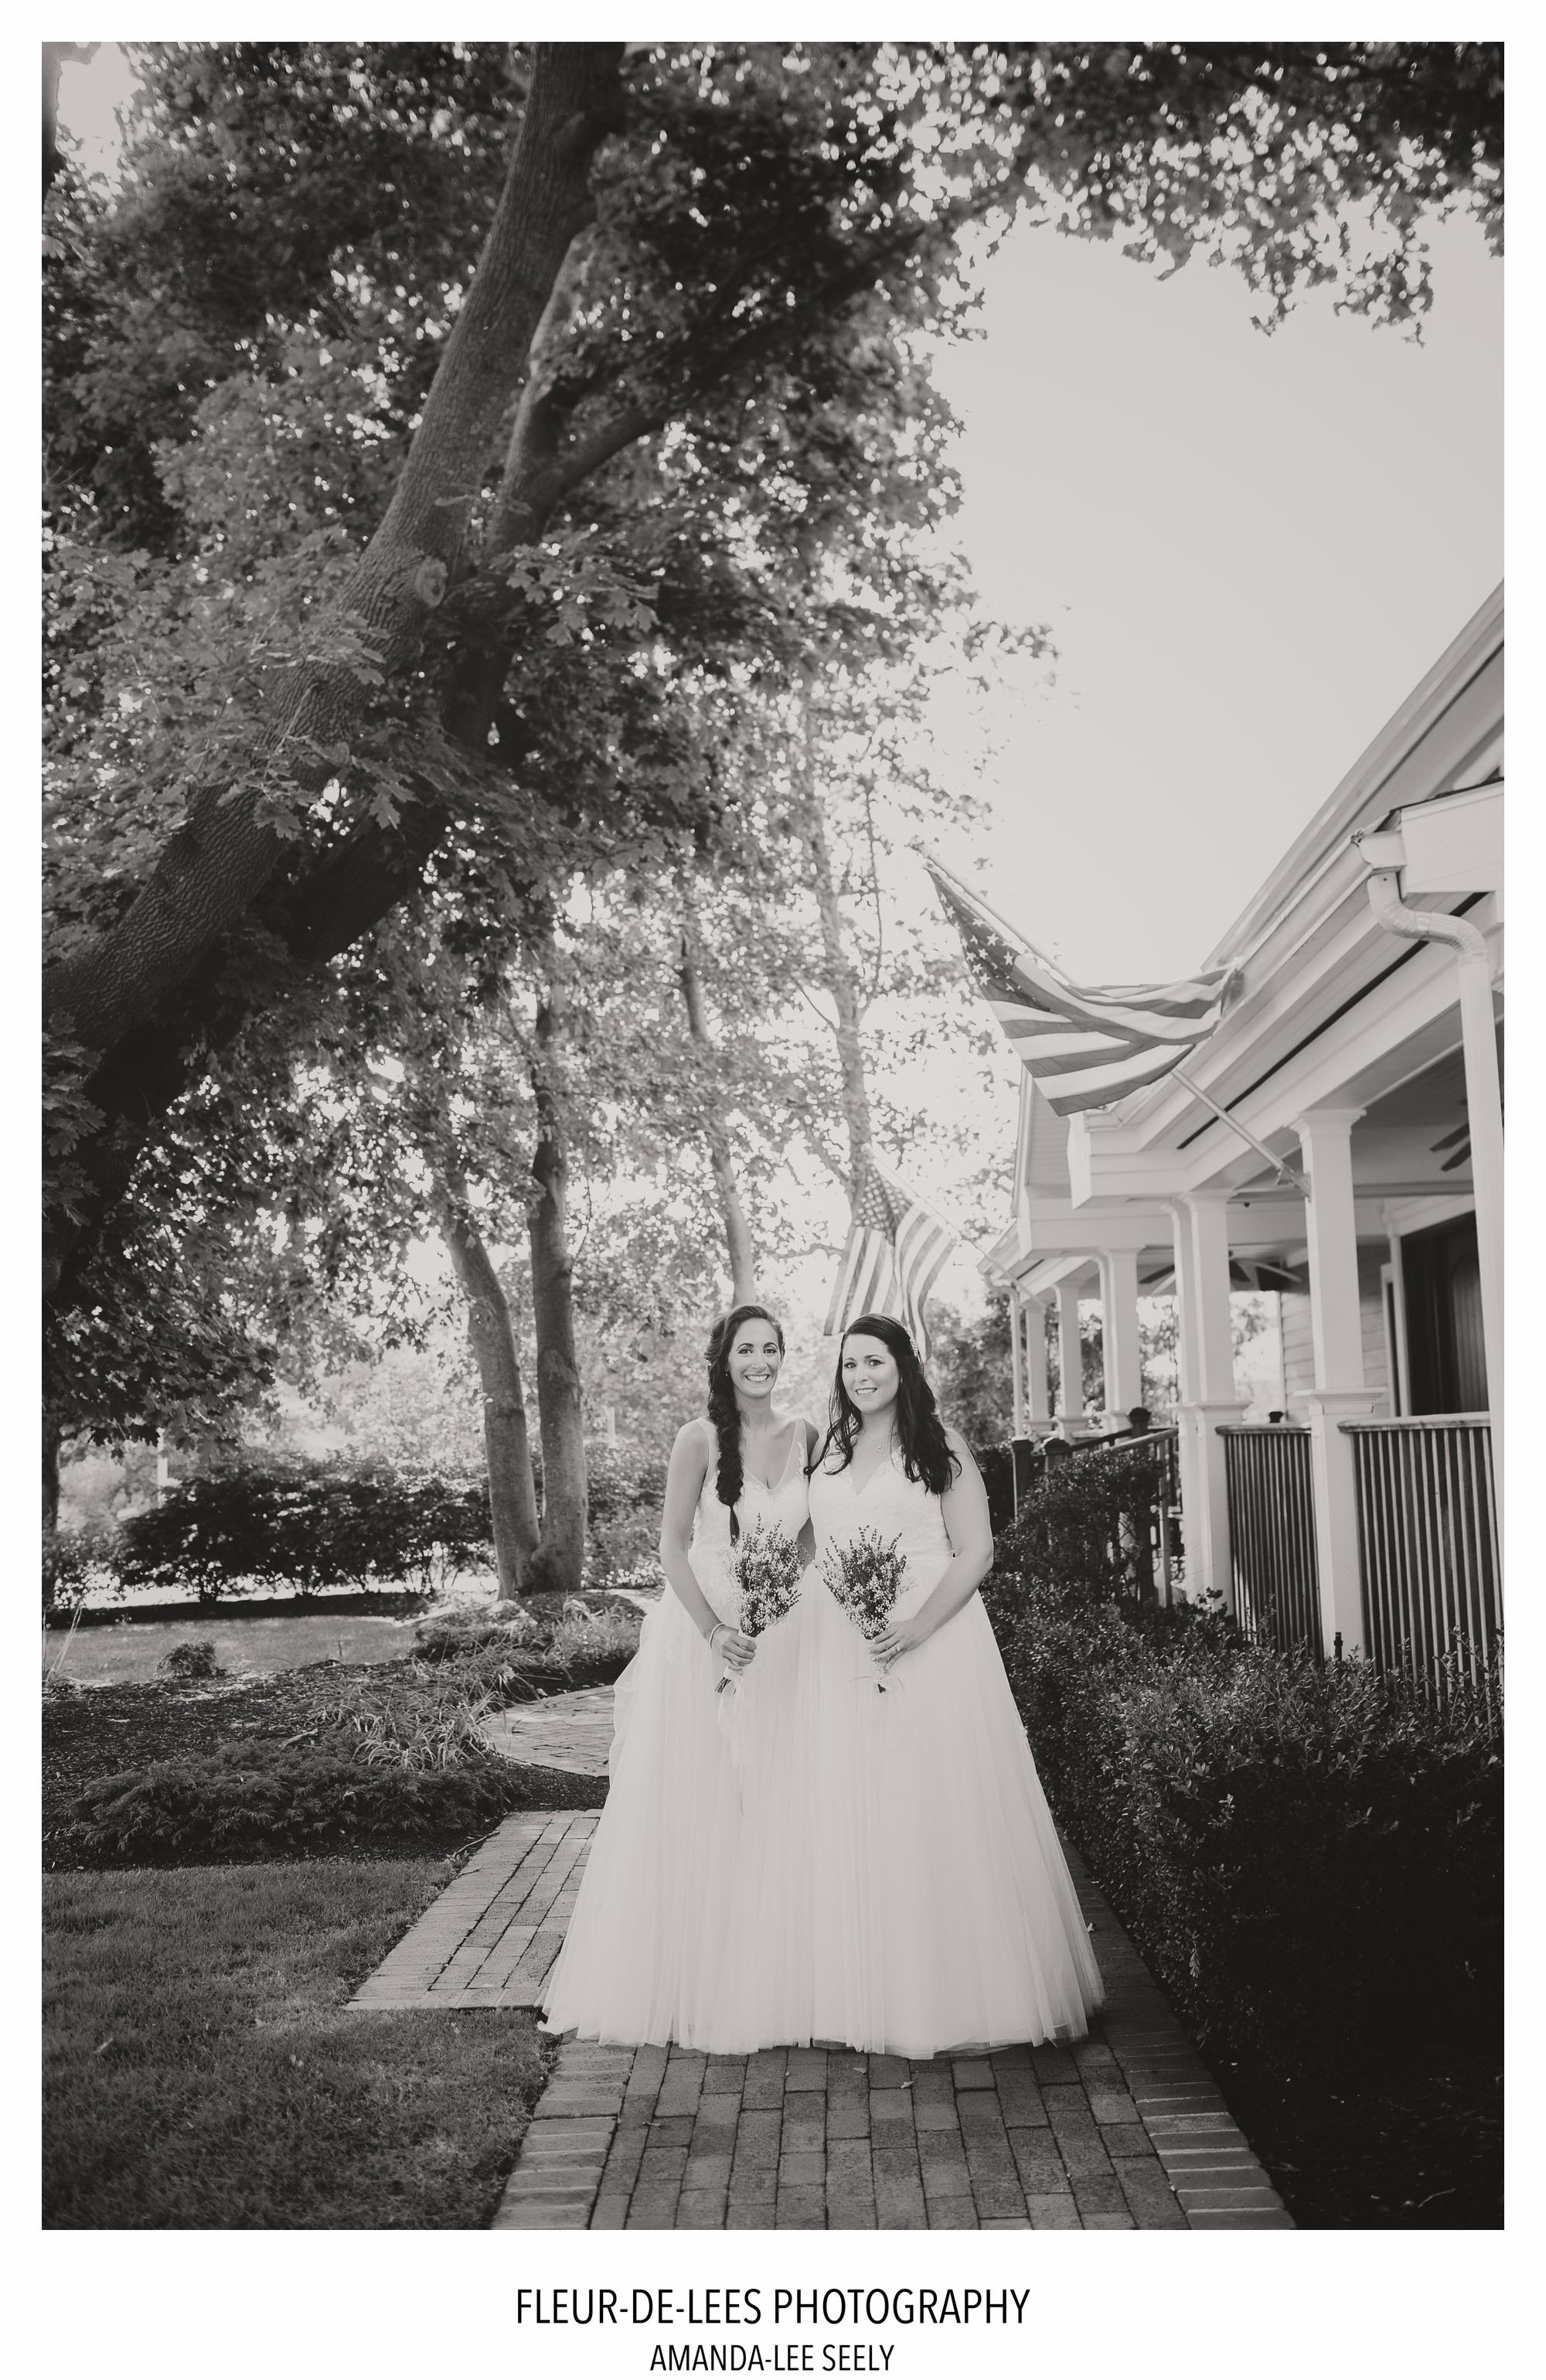 BLOG RACHEL AND AMANDA WEDDING 57